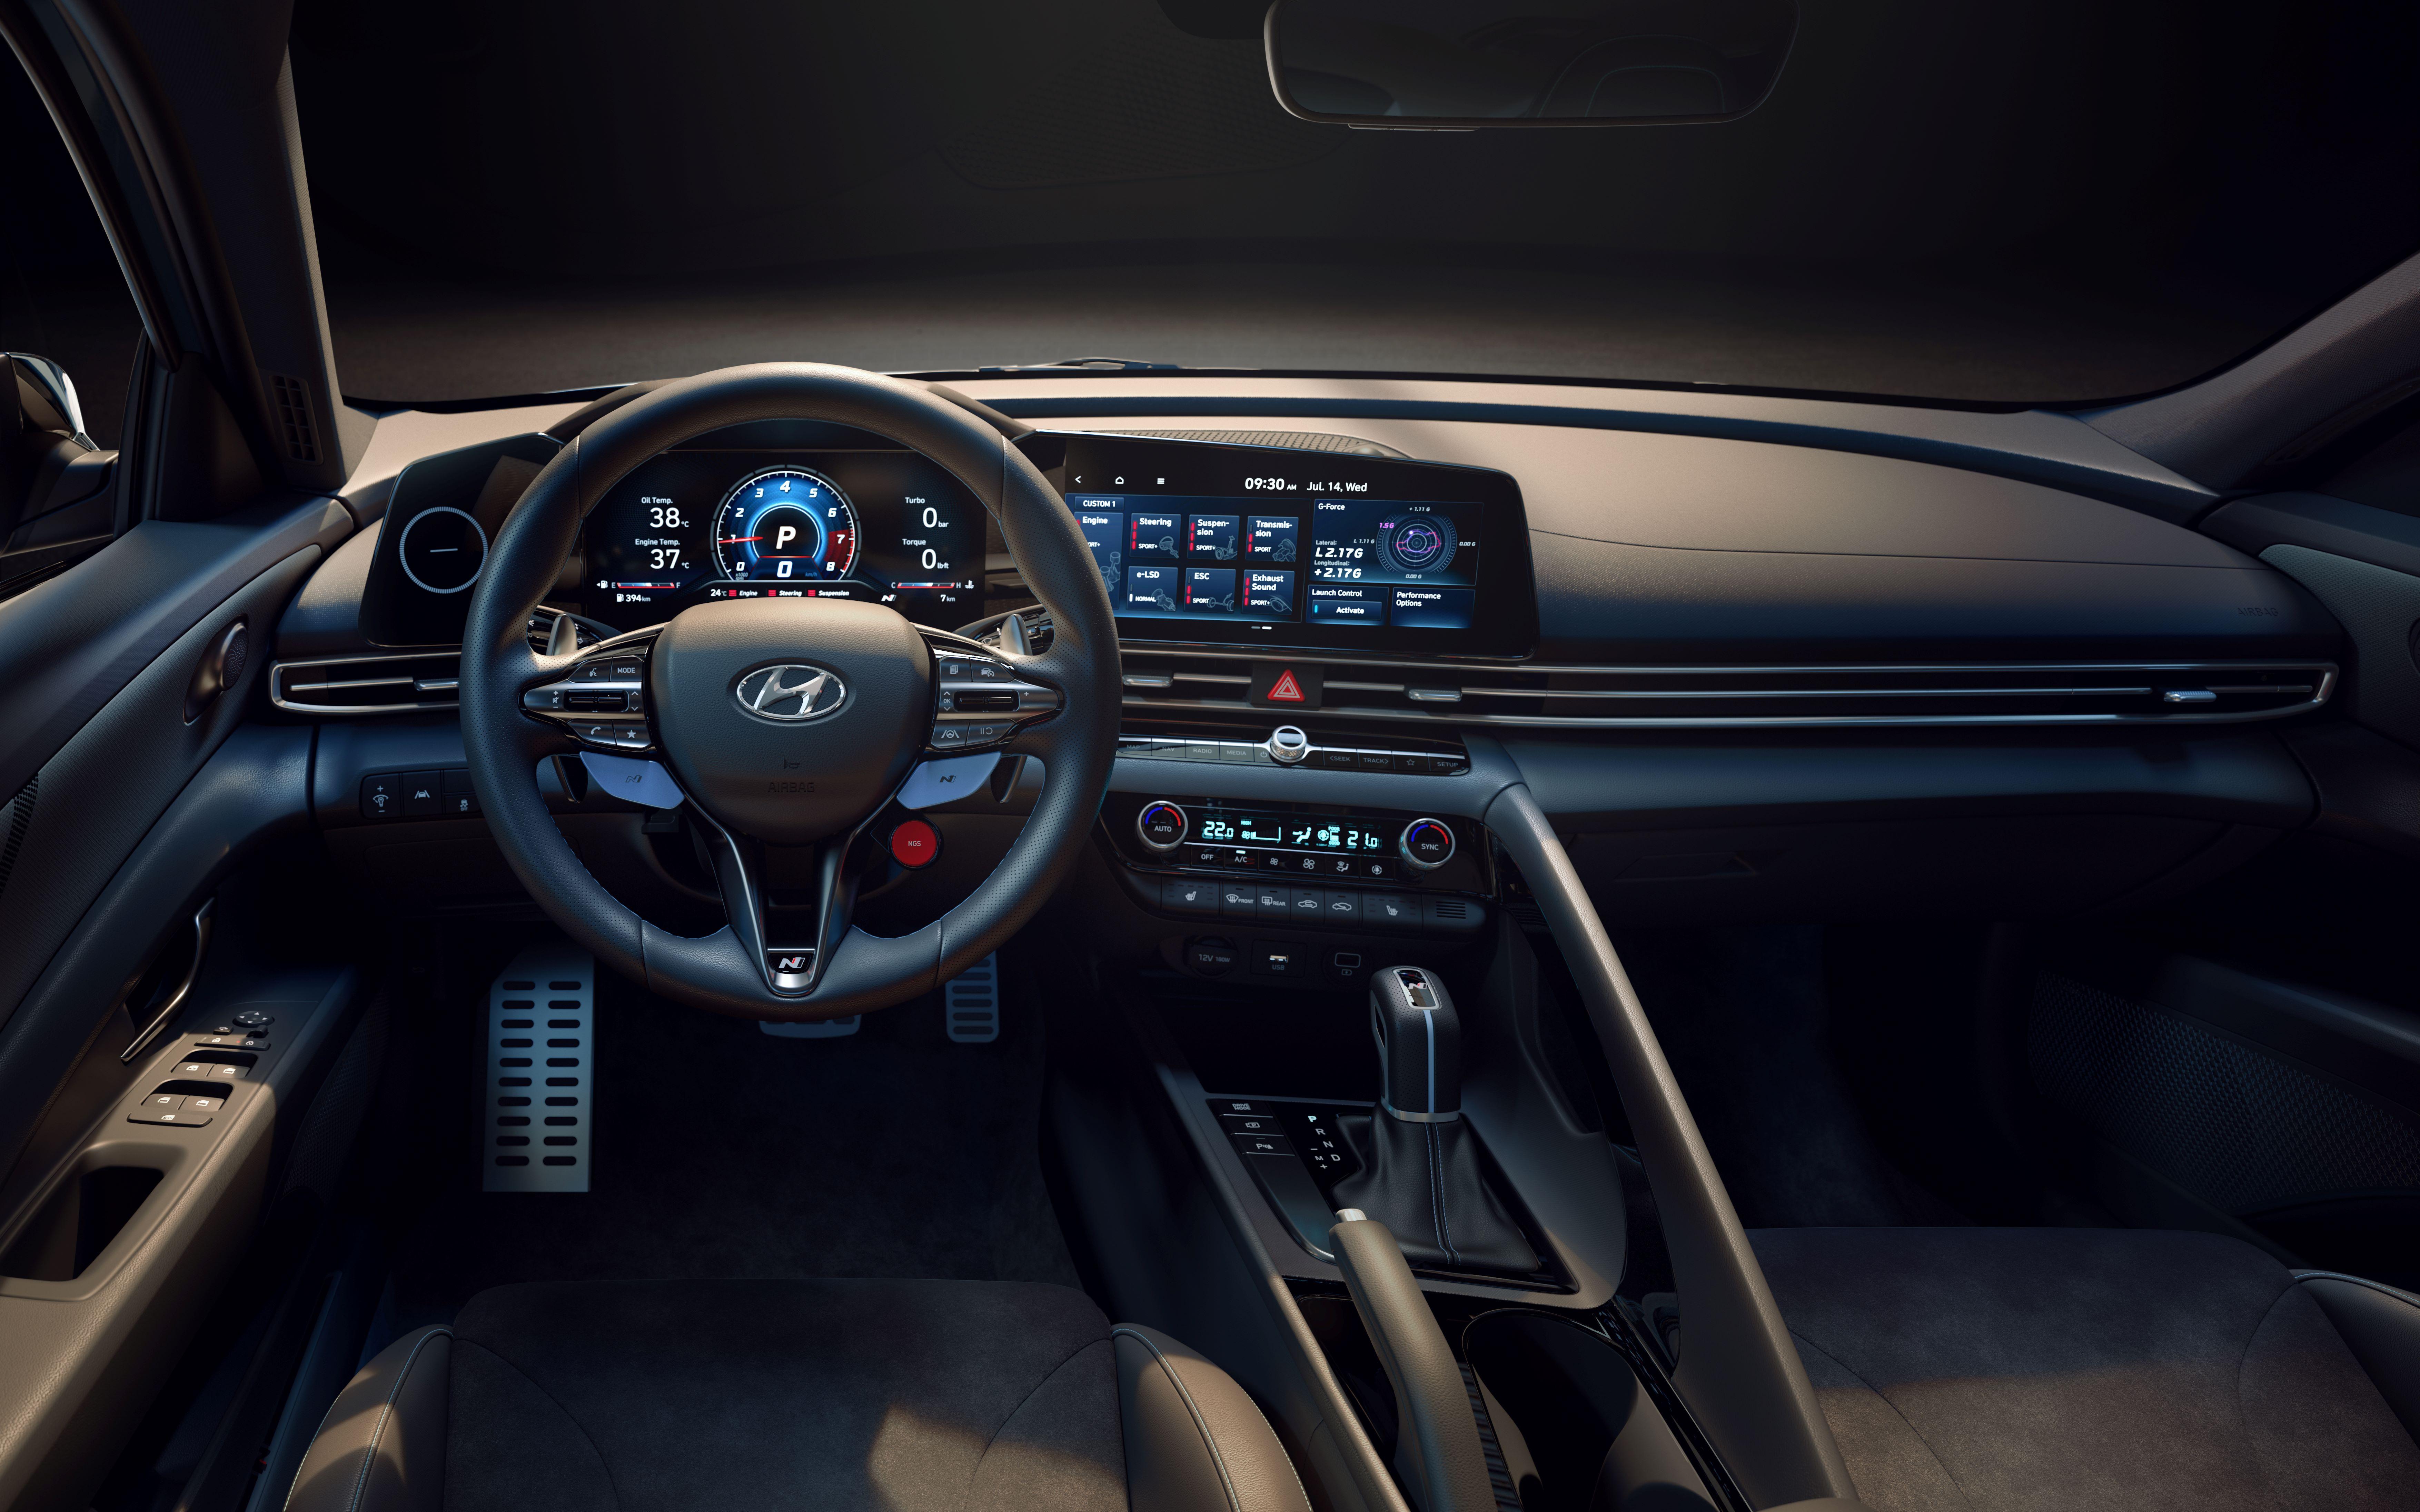 Chi tiết Hyundai Elantra N 2022 vừa chính thức ra mắt - Ảnh 6